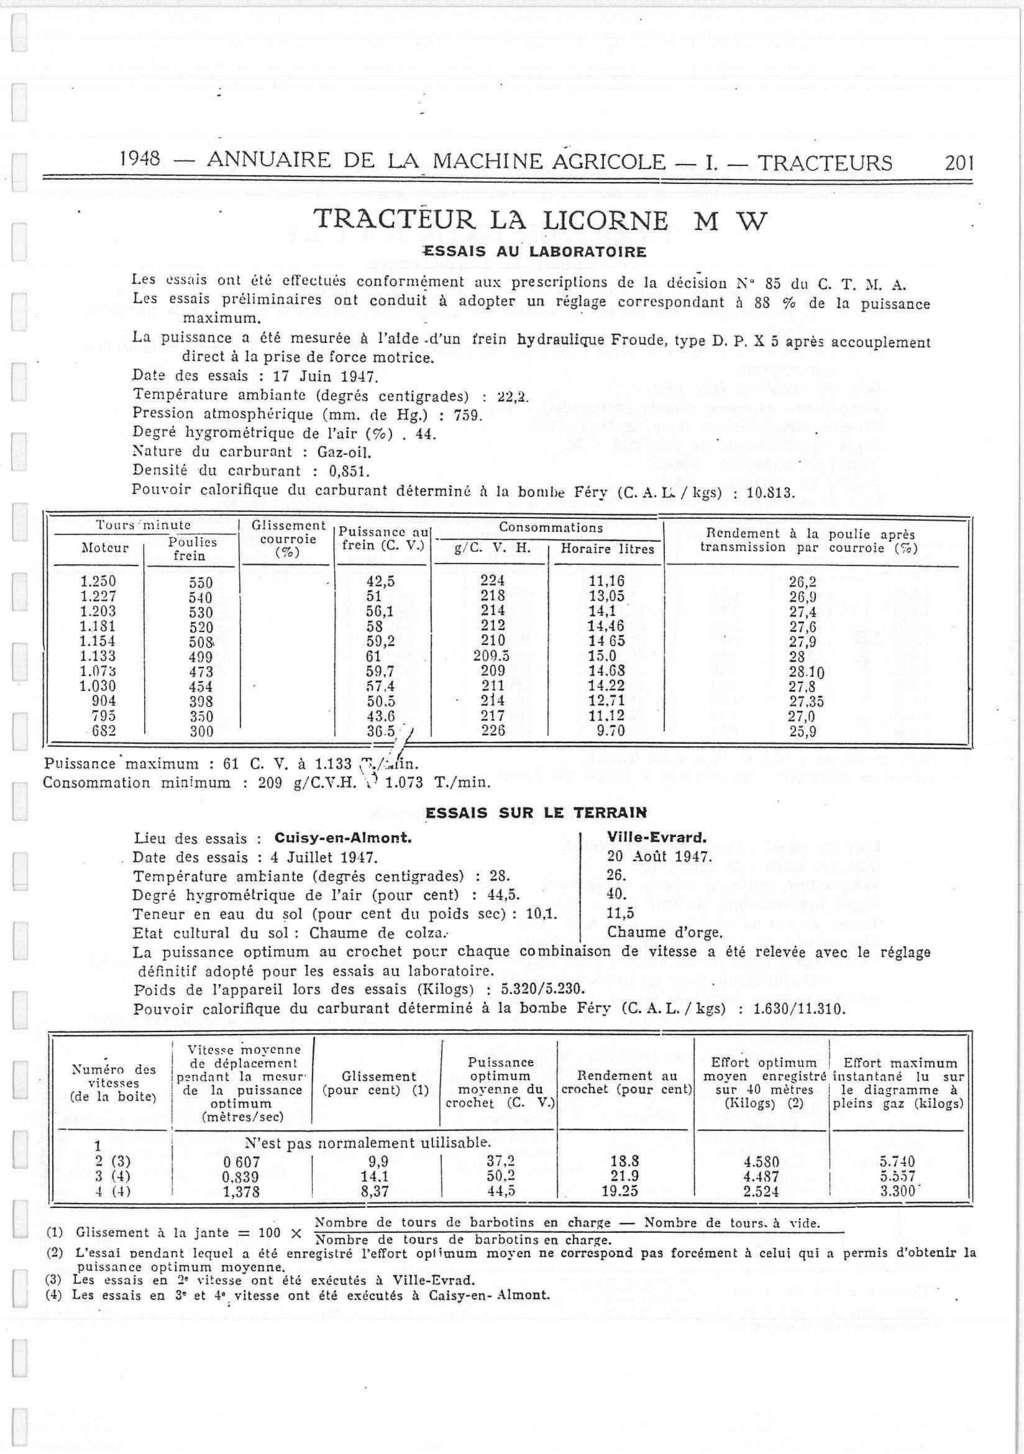 publicités du tracteur LICORNE 317